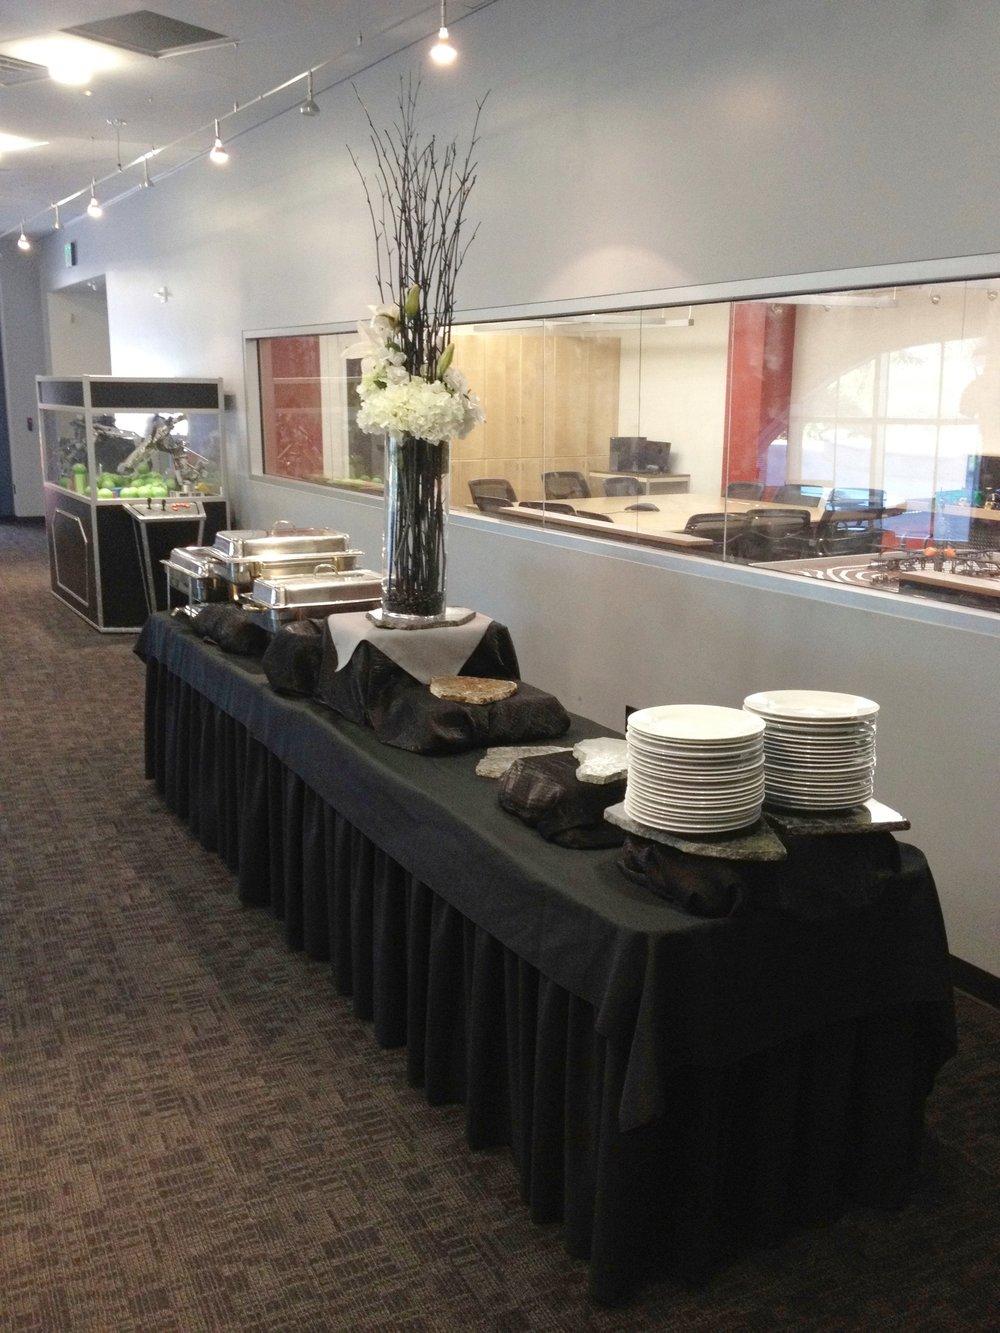 1st Floor - buffet line